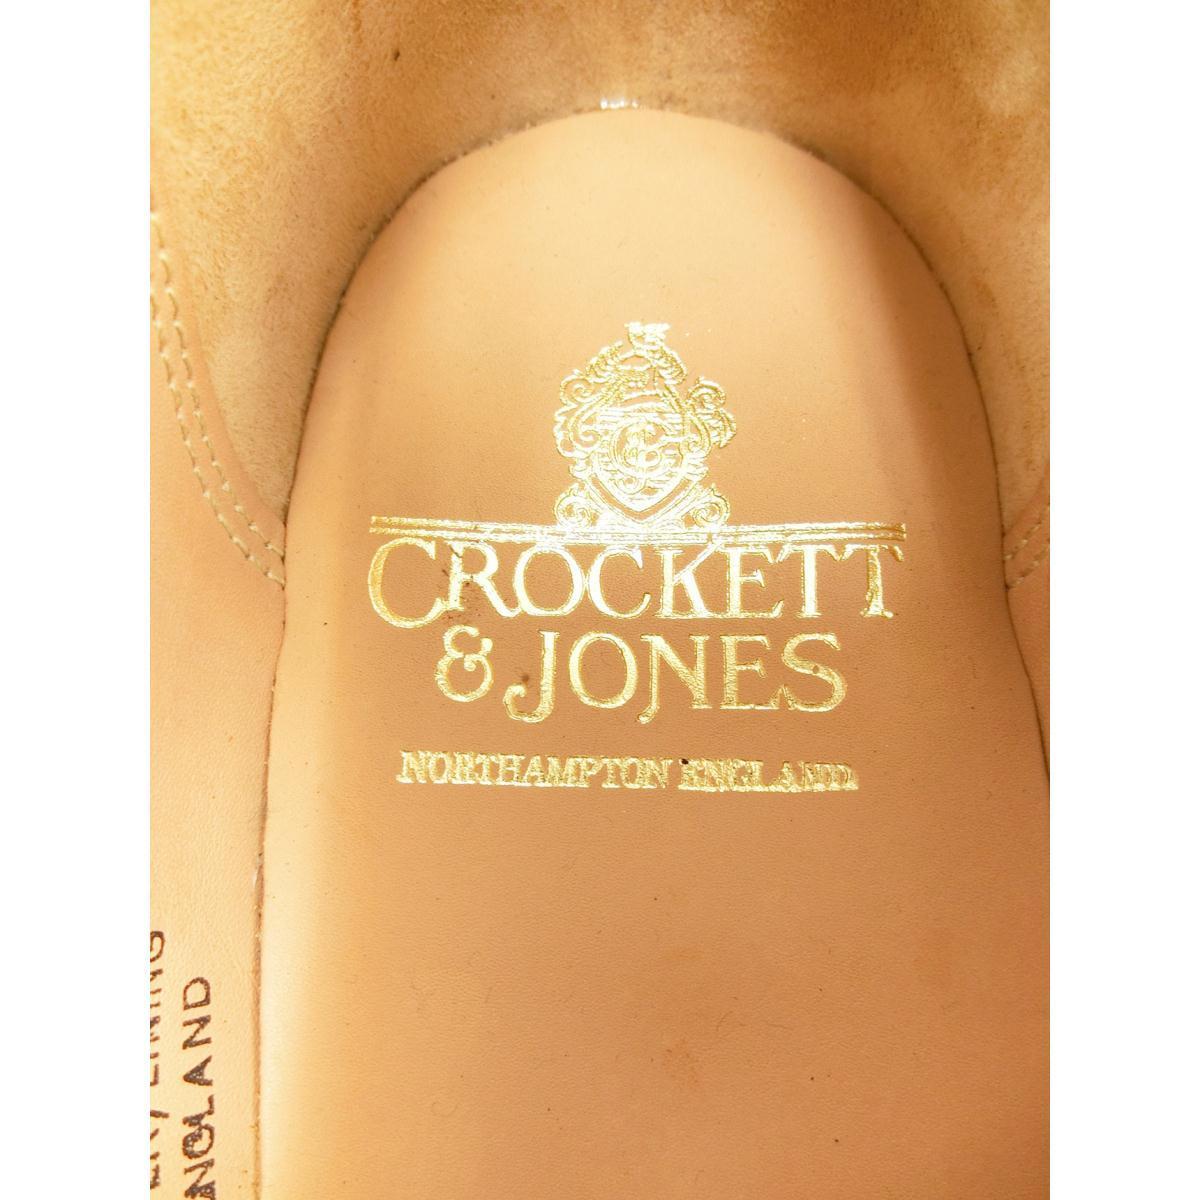 【新品】クロケットアンドジョーンズ CROCKETT&JONES ドレスシューズ【新品】